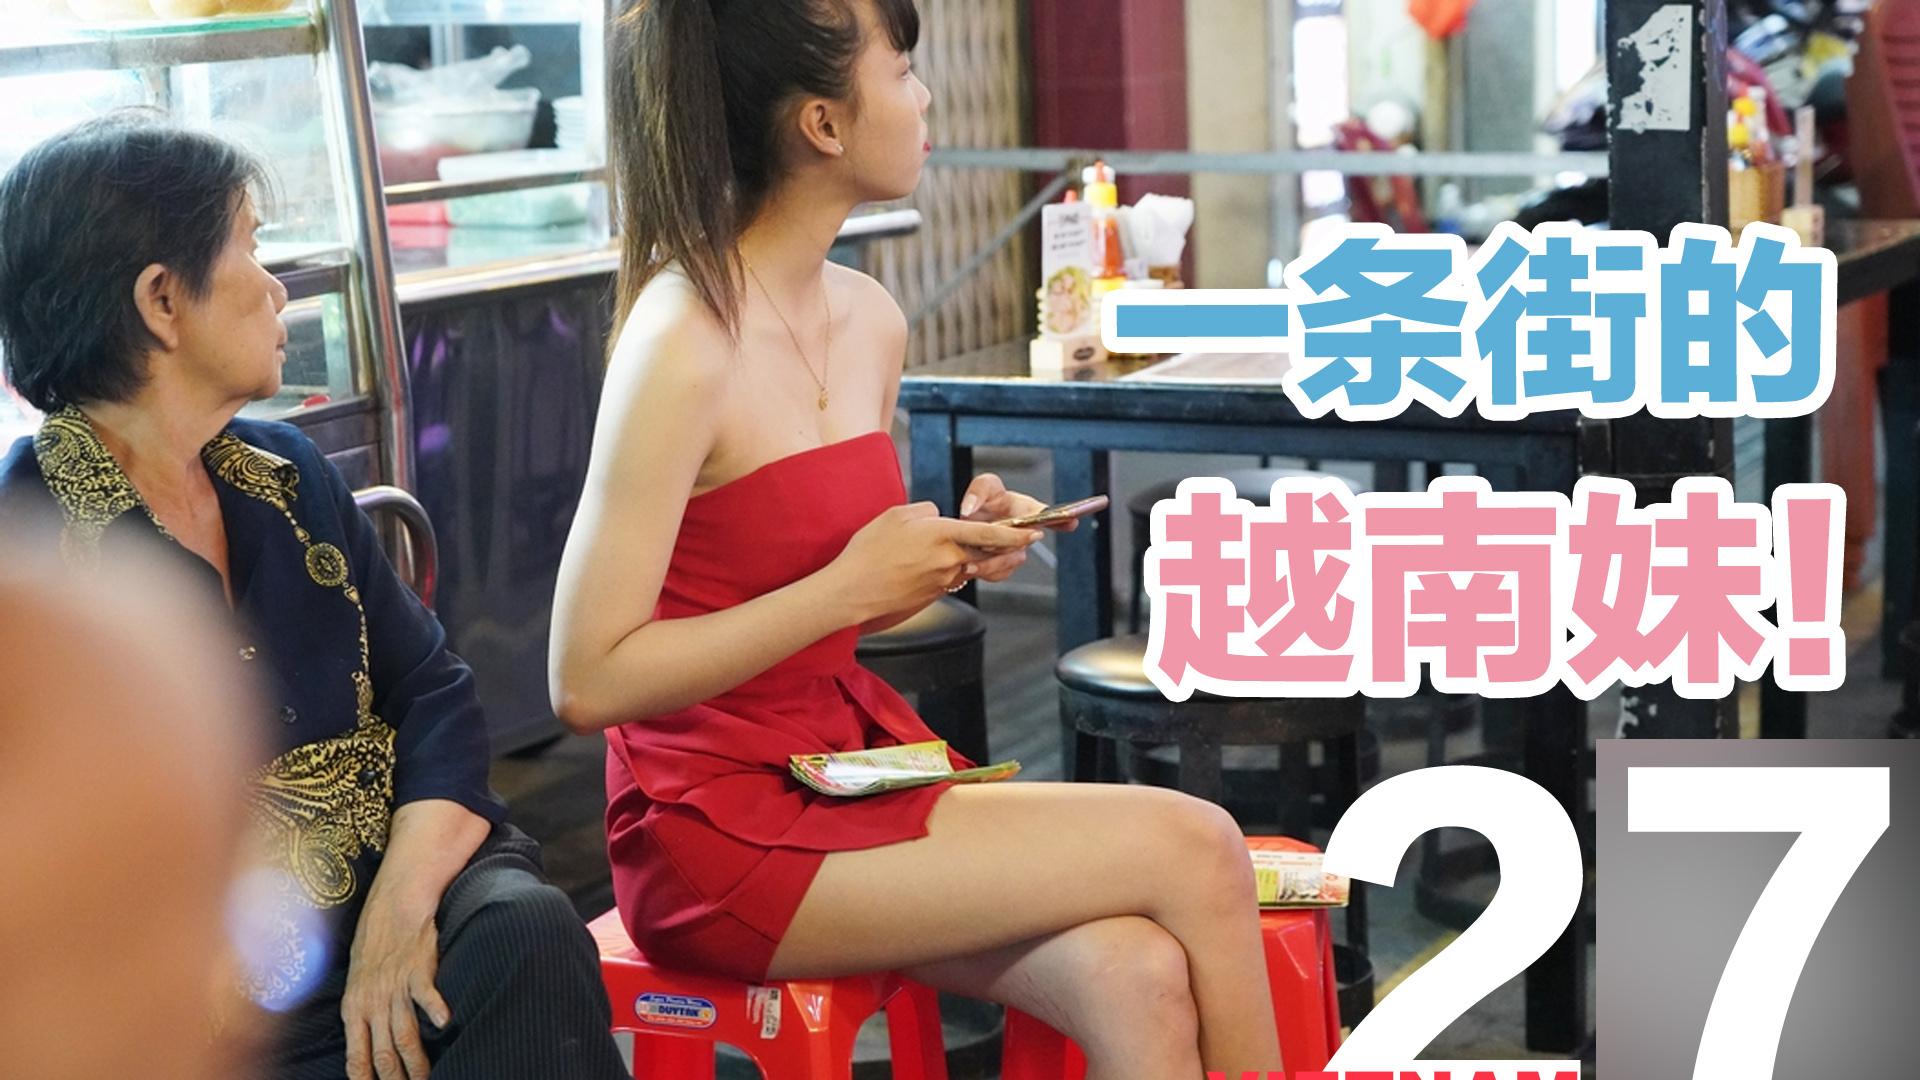 【诺拉地球研究所】越南27集:整条街的越南妹!!